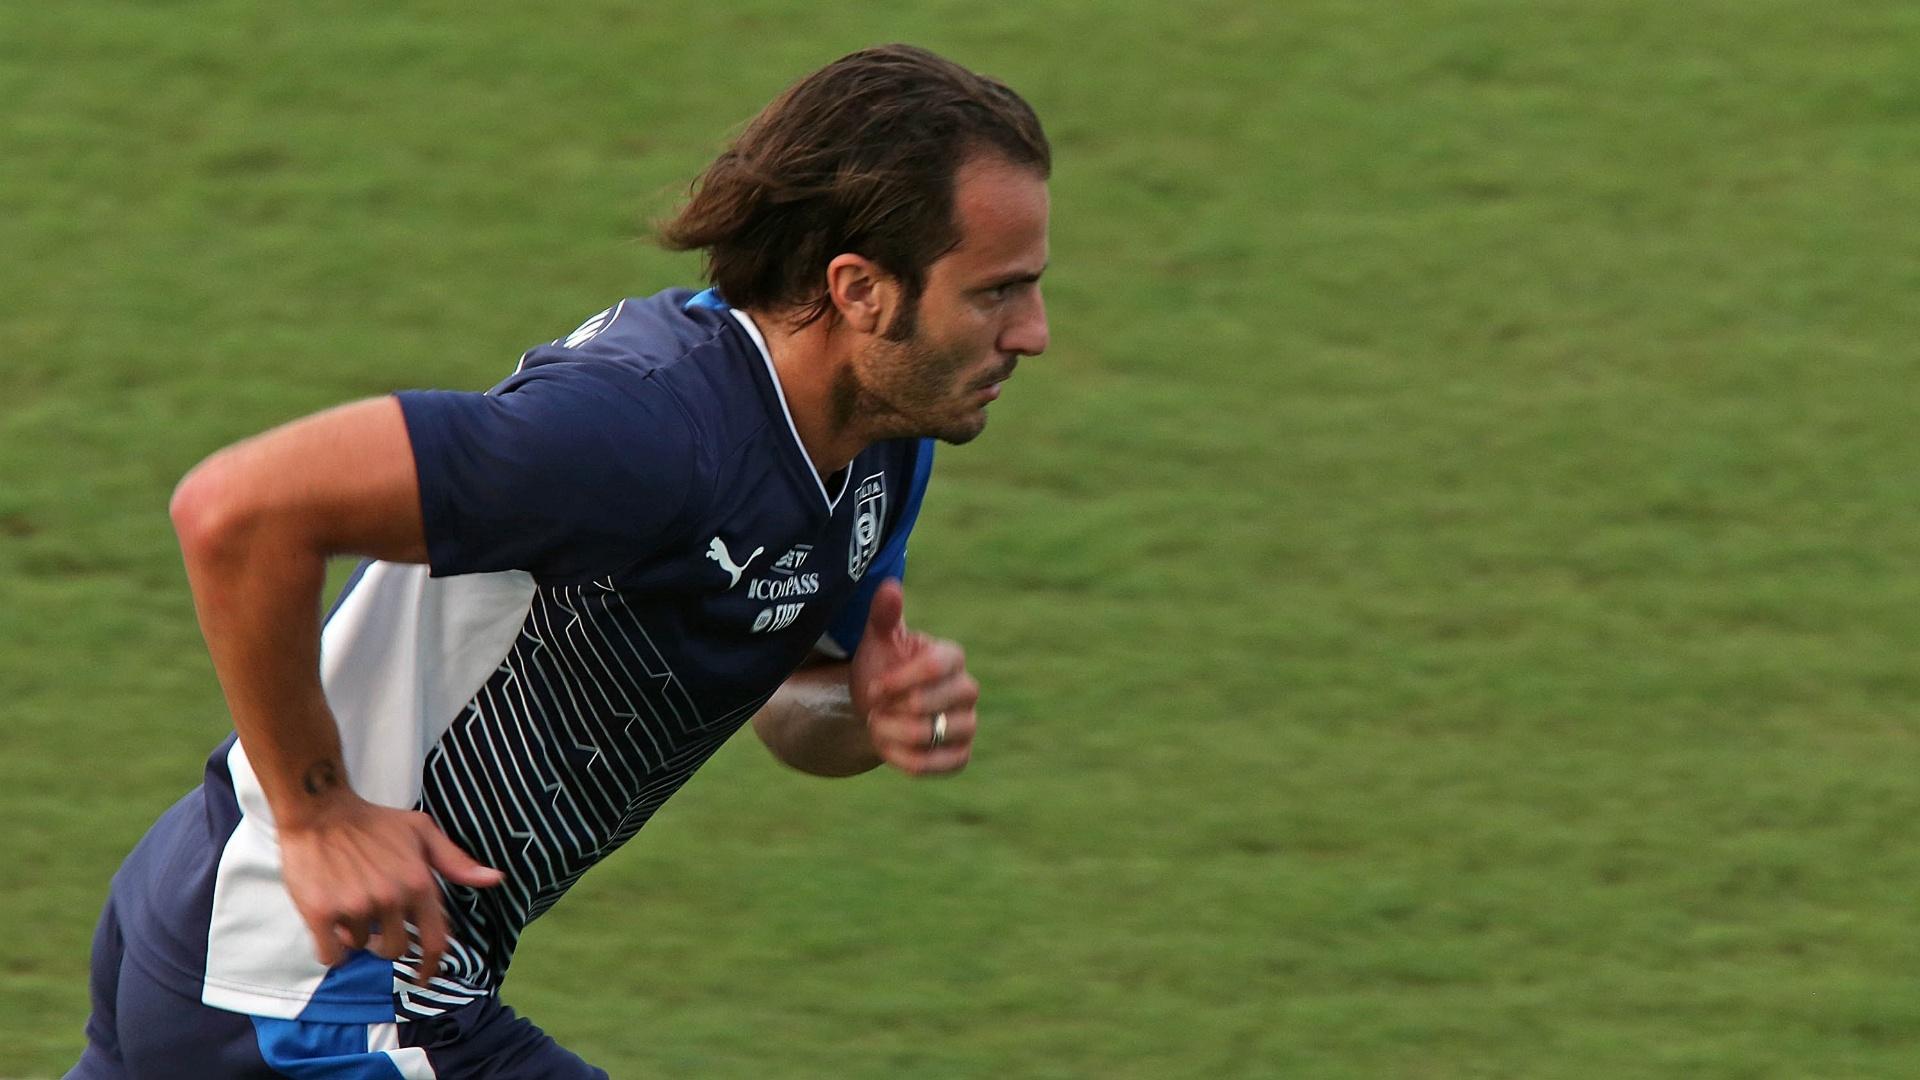 Com Gilardino, Itália acredita em surpresa contra a Espanha